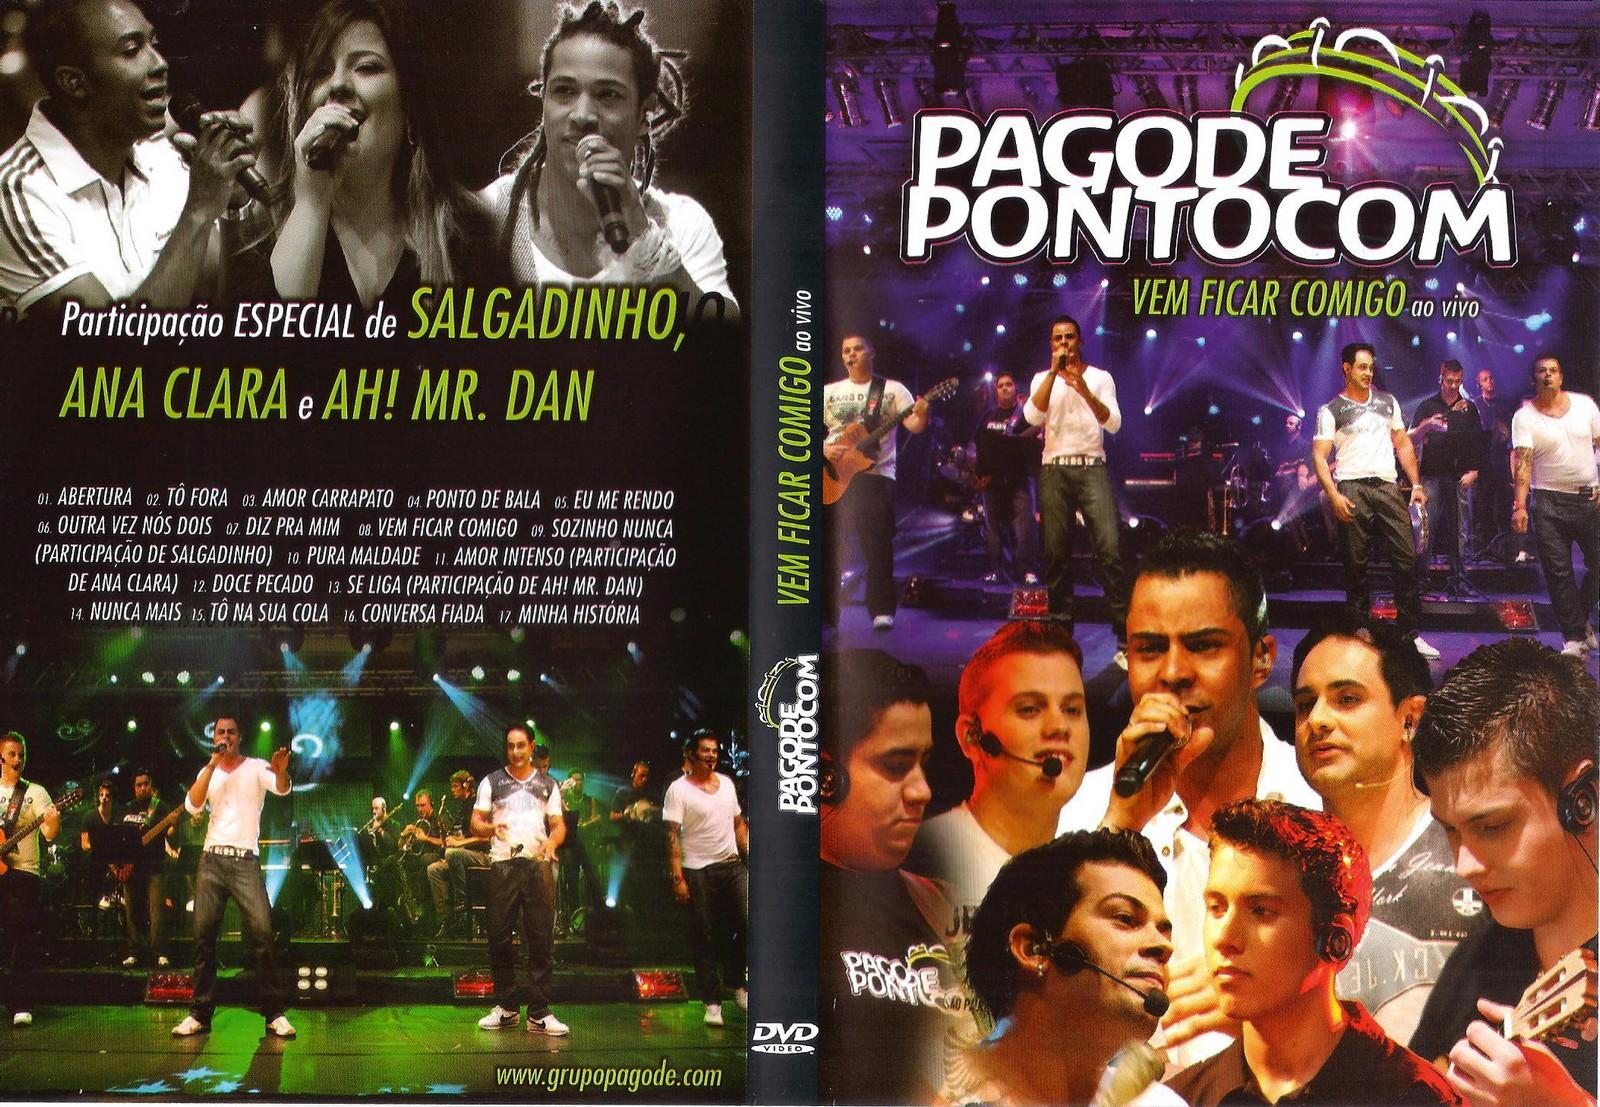 Pagode PontoCom Vem Ficar Comigo DVDRip XviD (2011) Pagode Ponto Com Vem Ficar Comigo Ao Vivo